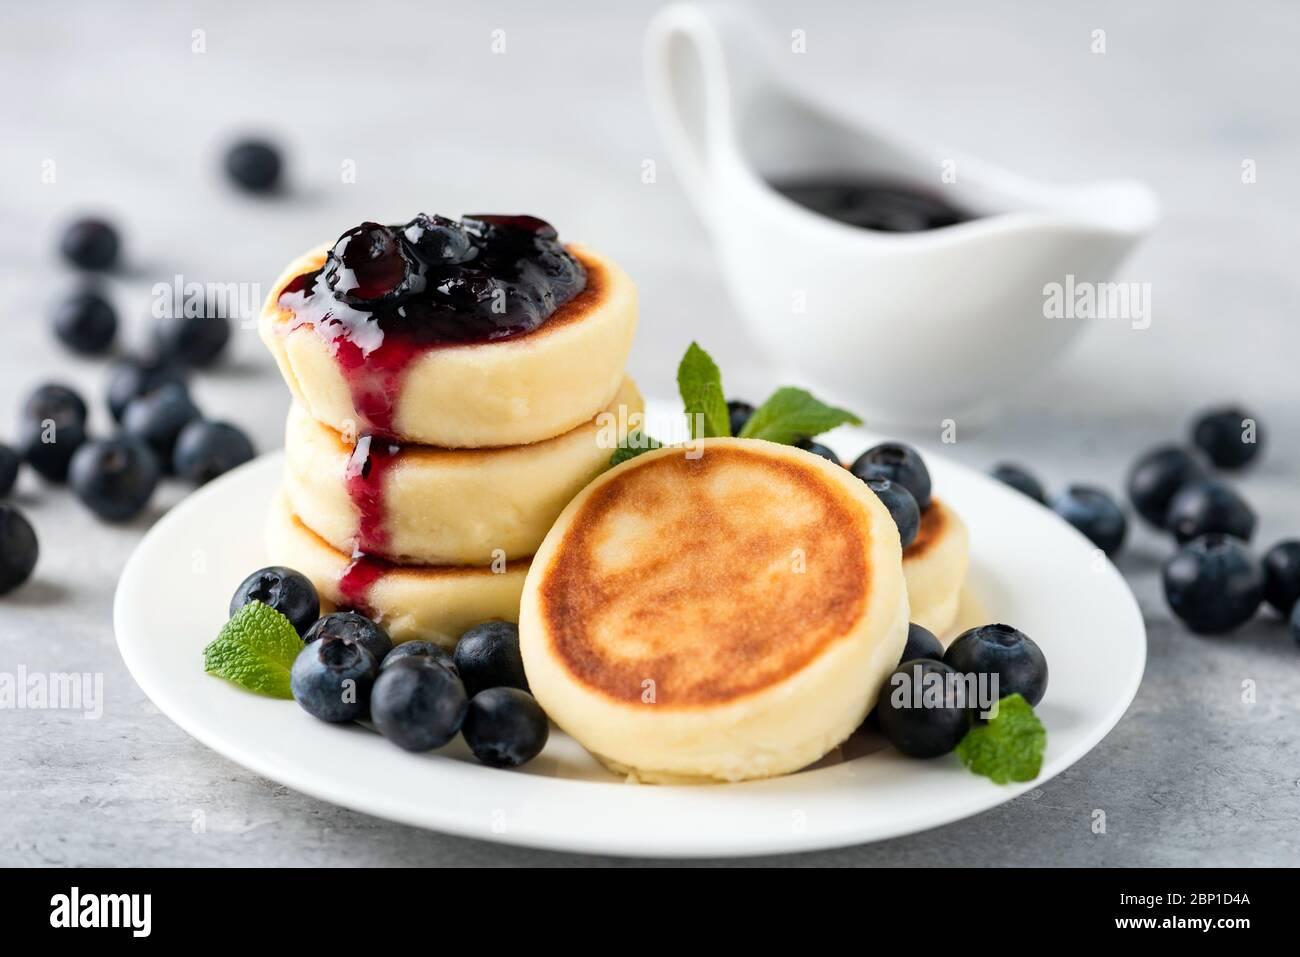 Frittelle di Syrniki o formaggio di cottage con marmellata di mirtilli su piatto bianco. Tradizionale russo e ucraino per colazione o pranzo, frittelle dolci al formaggio Foto Stock